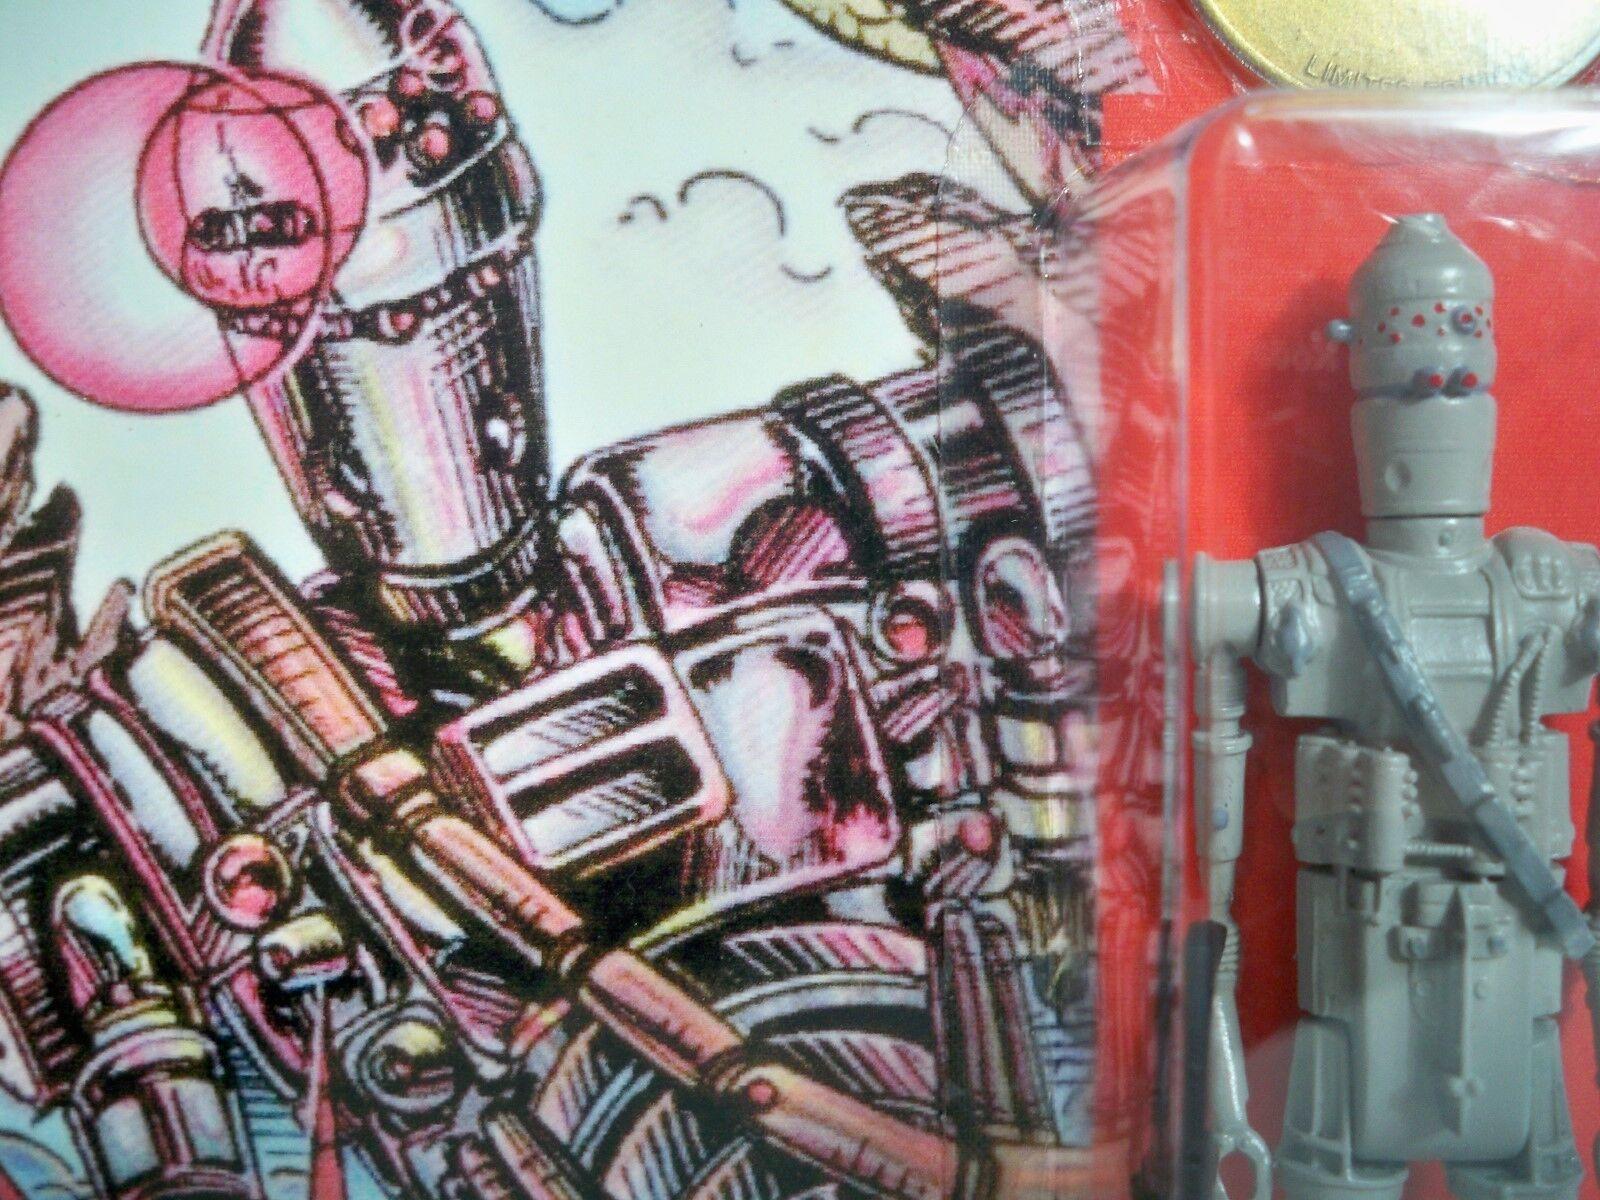 K1851714 IG-88 projootipo Personalizado Menta en tarjeta menta en tarjeta Droids dibujos animados 1985 Guerra De Las Galaxias